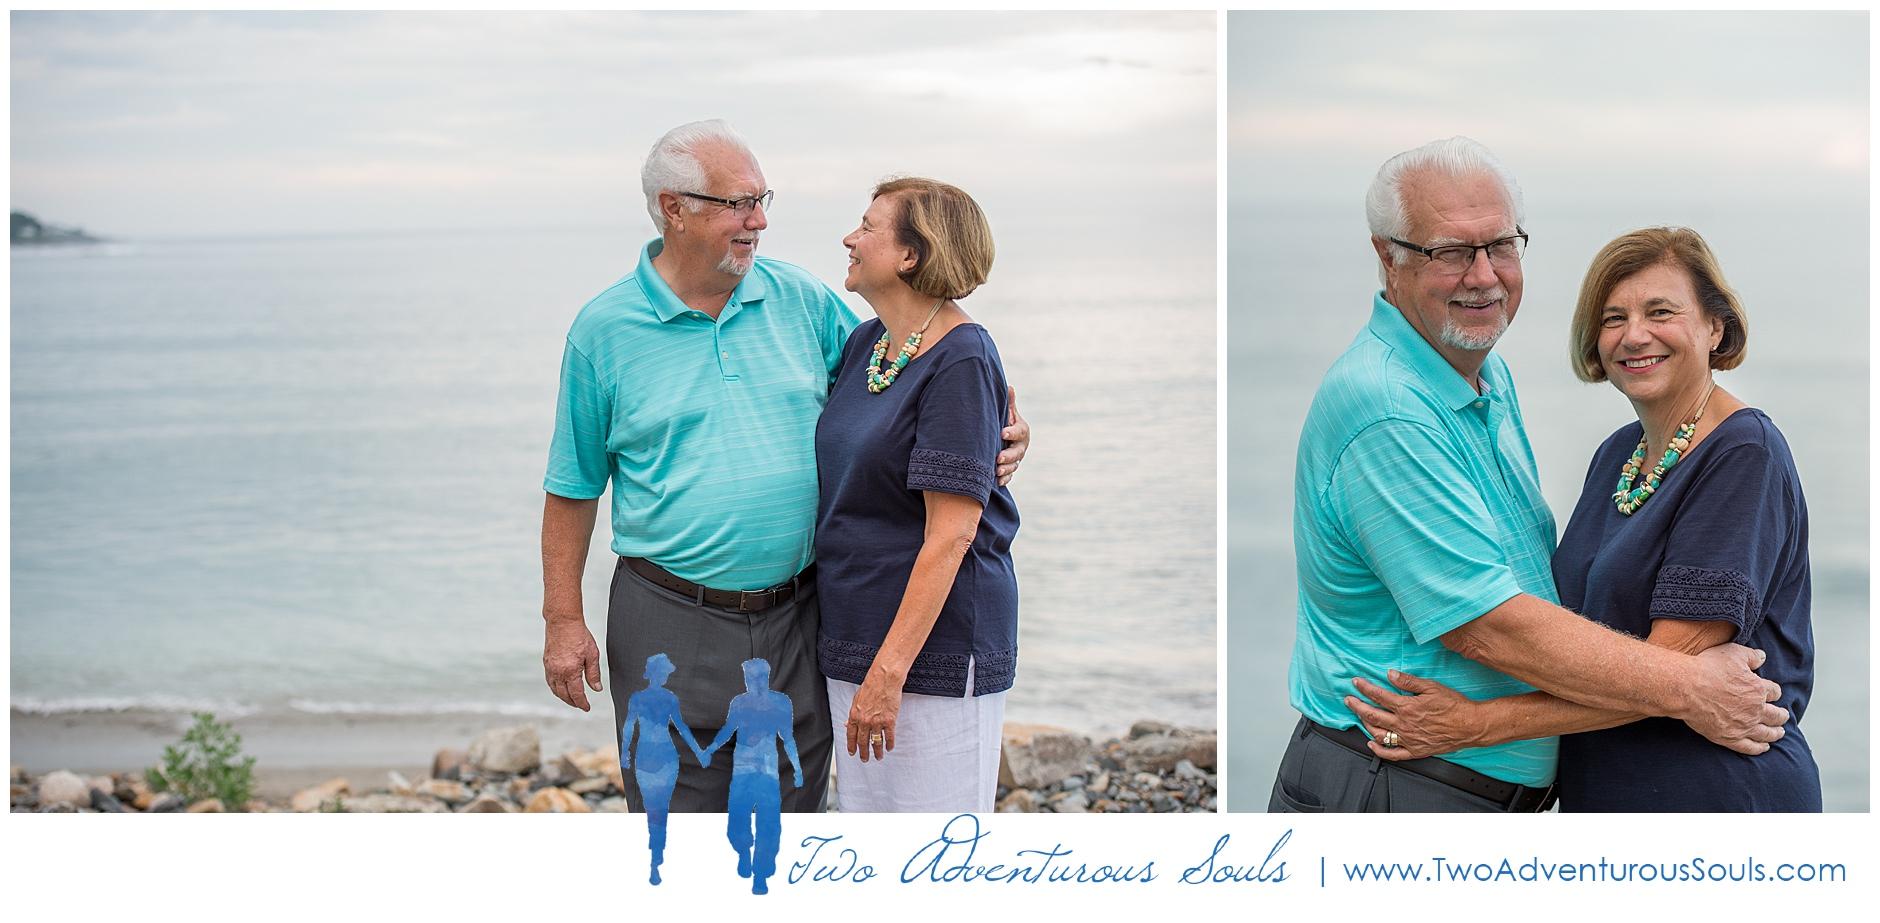 080318 - York Beach Family Portraits, Maine Family Photographers_0001.jpg